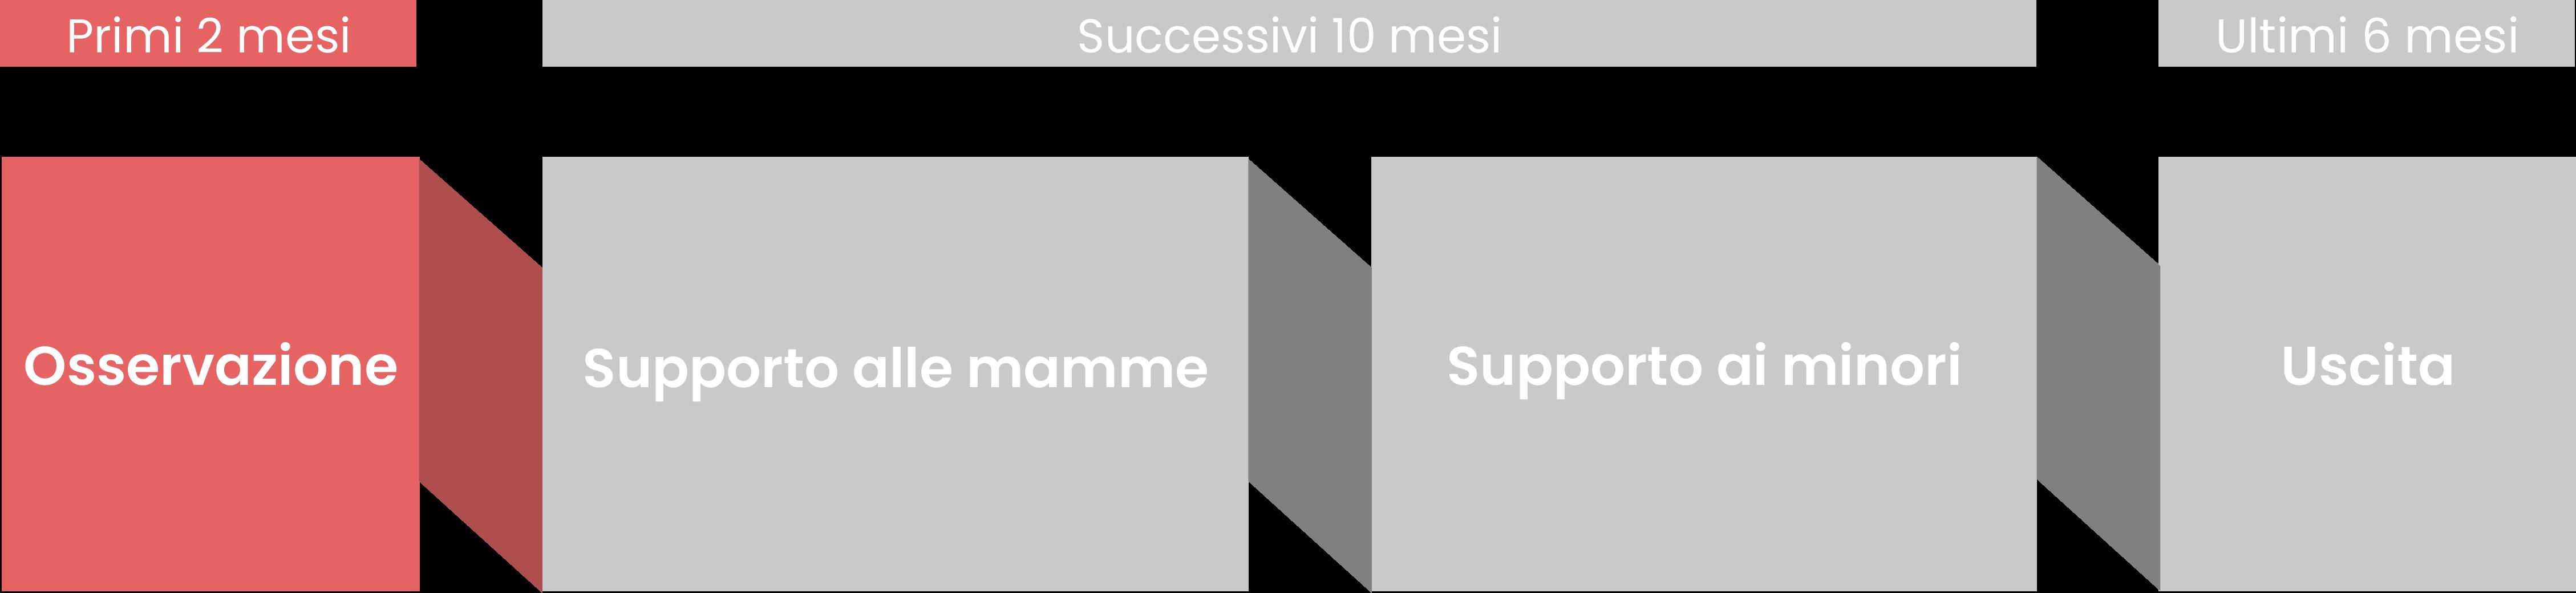 percorso-1-short